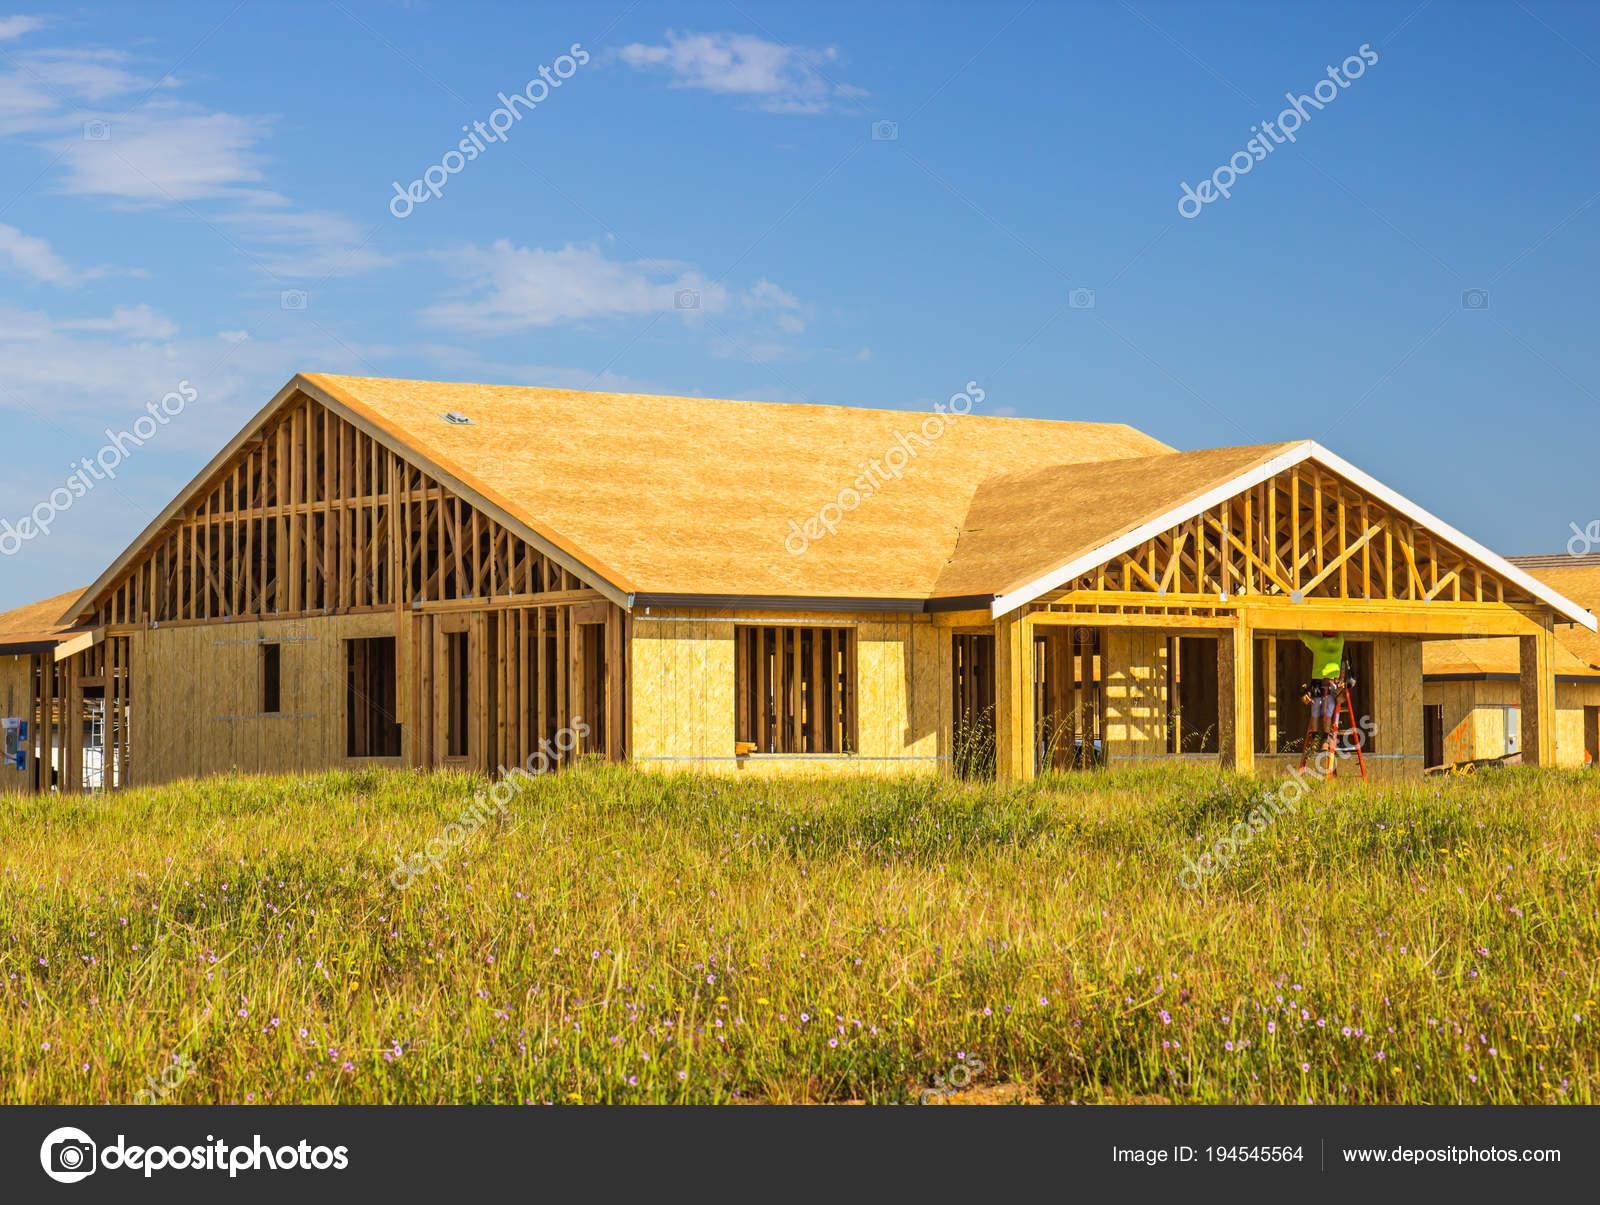 Enmarcado en una historia nueva construcción casa — Foto de stock ...